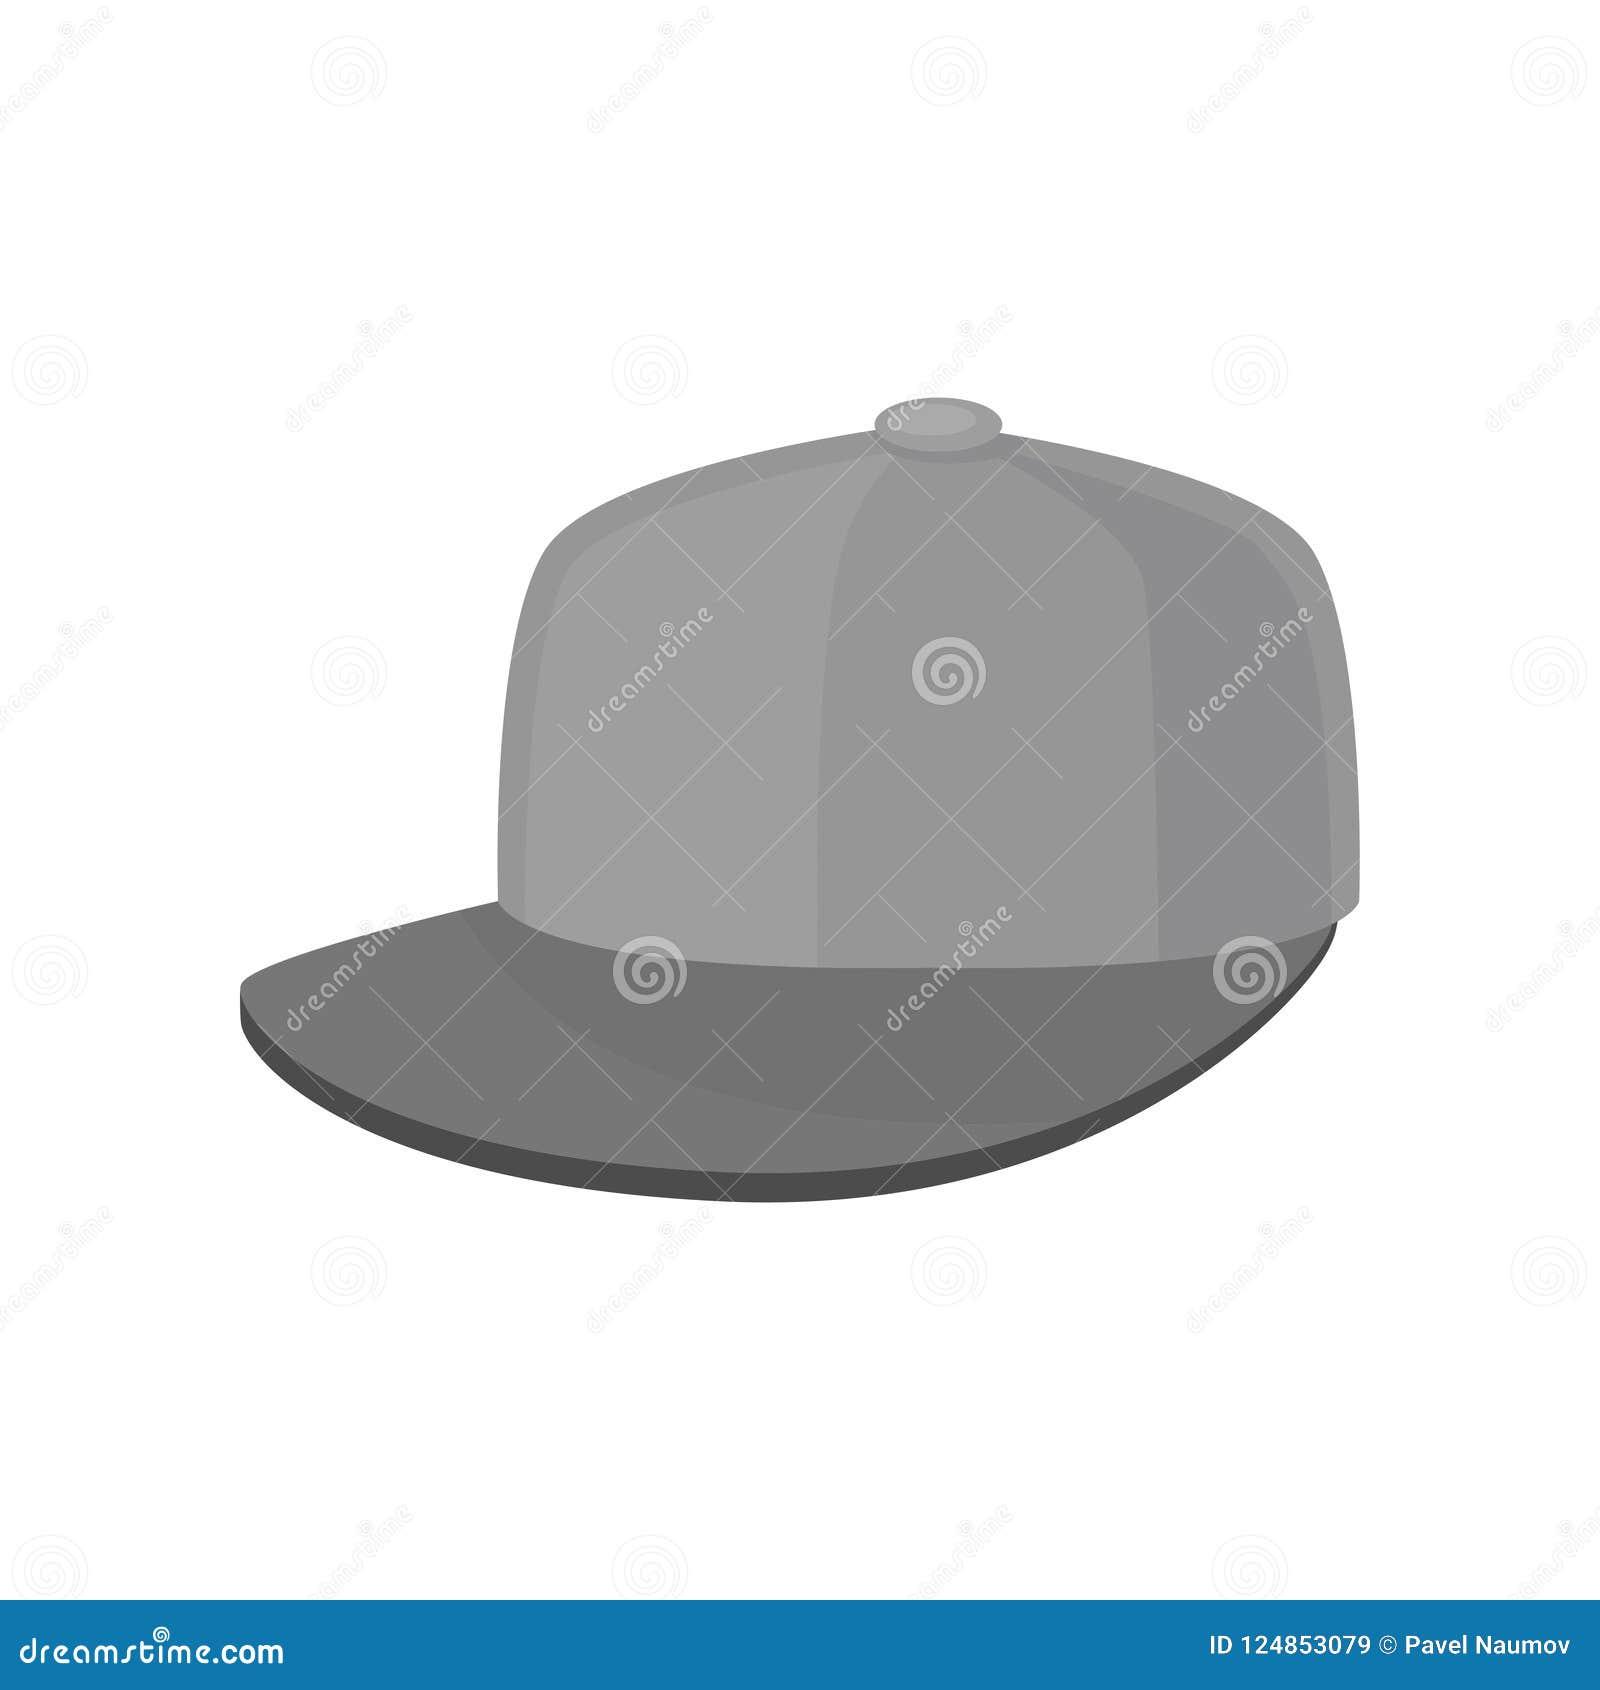 aa4f7c375c957 Icono de la gorra de béisbol gris Sombrero con la visera dura Headwear  unisex Accesorio de moda Elemento gráfico para hacer publicidad del cartel  o de la ...